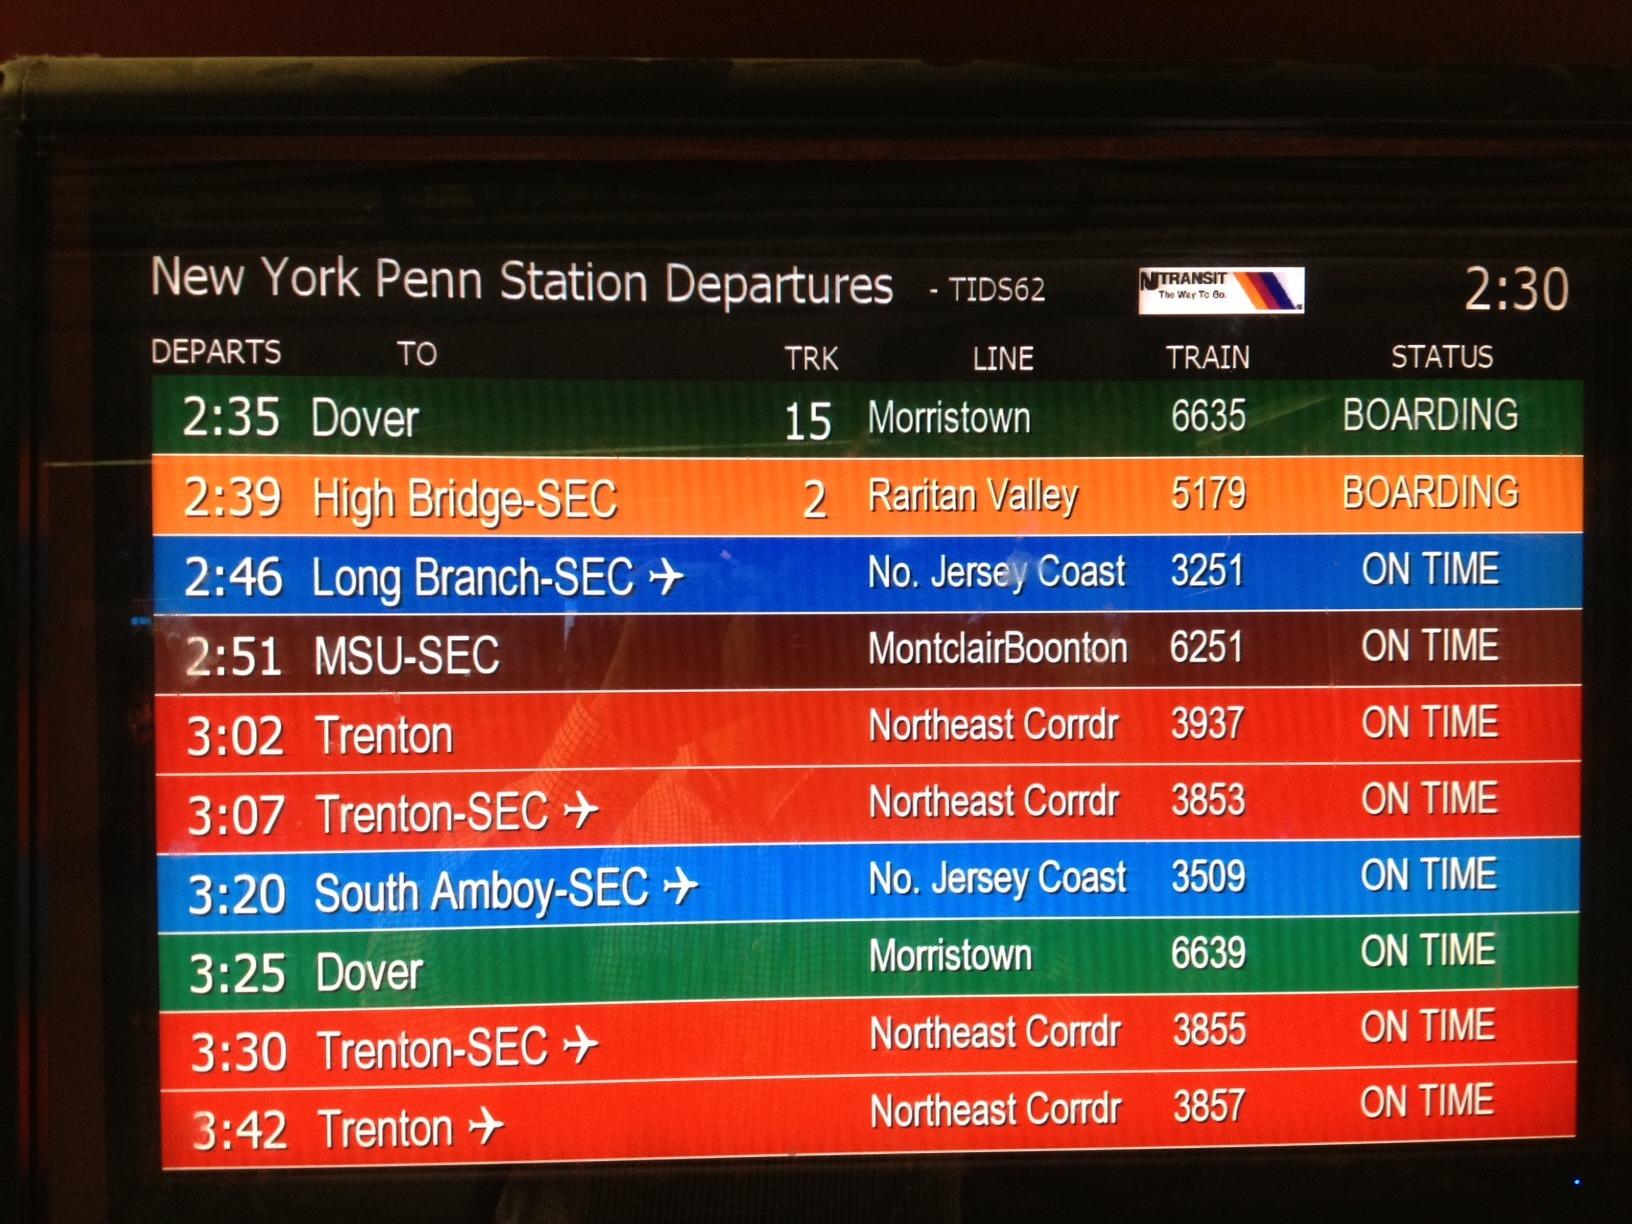 bb0e40ff927356473906_NJT_screens_at_Penn_Station_NYC.jpg